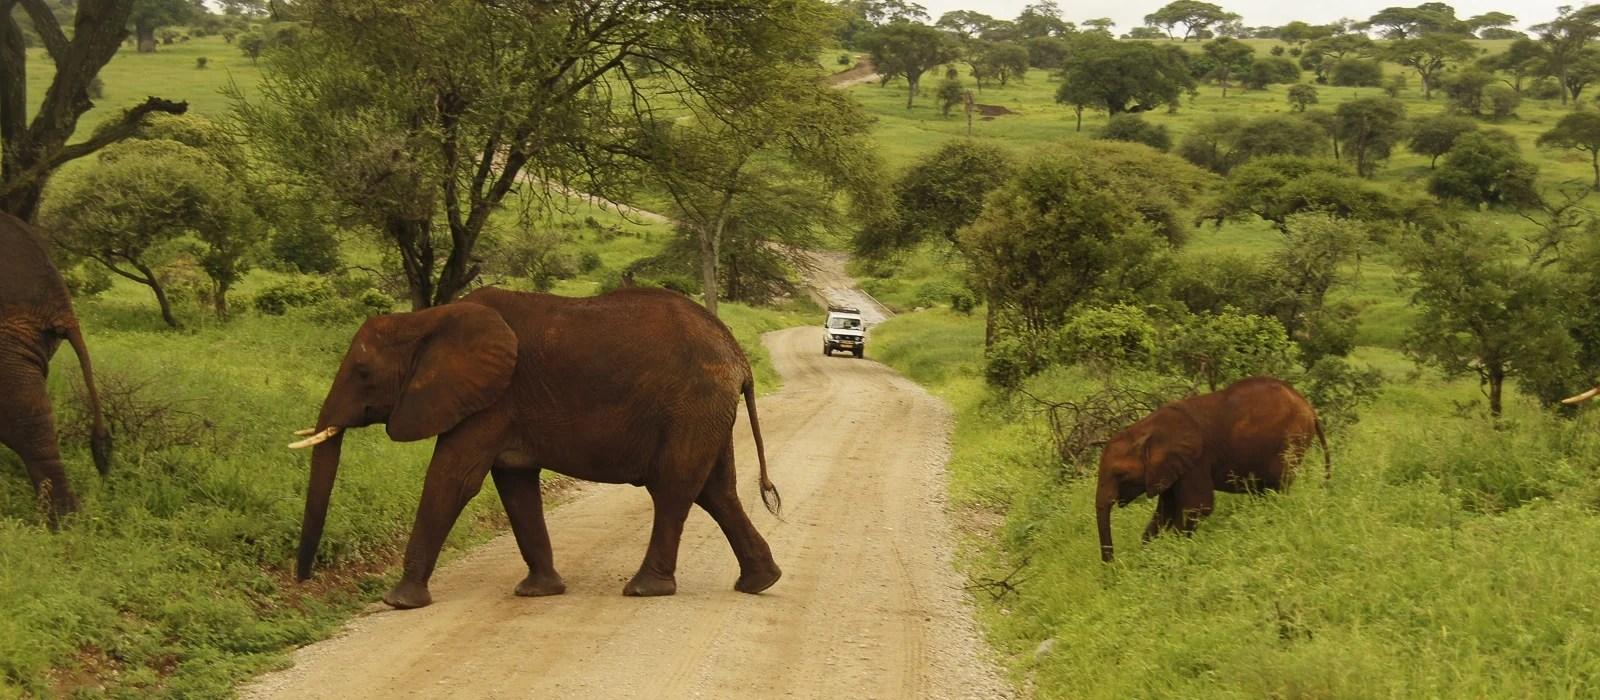 img-diapo-entete - Tanzanie-1600x700-11.jpg